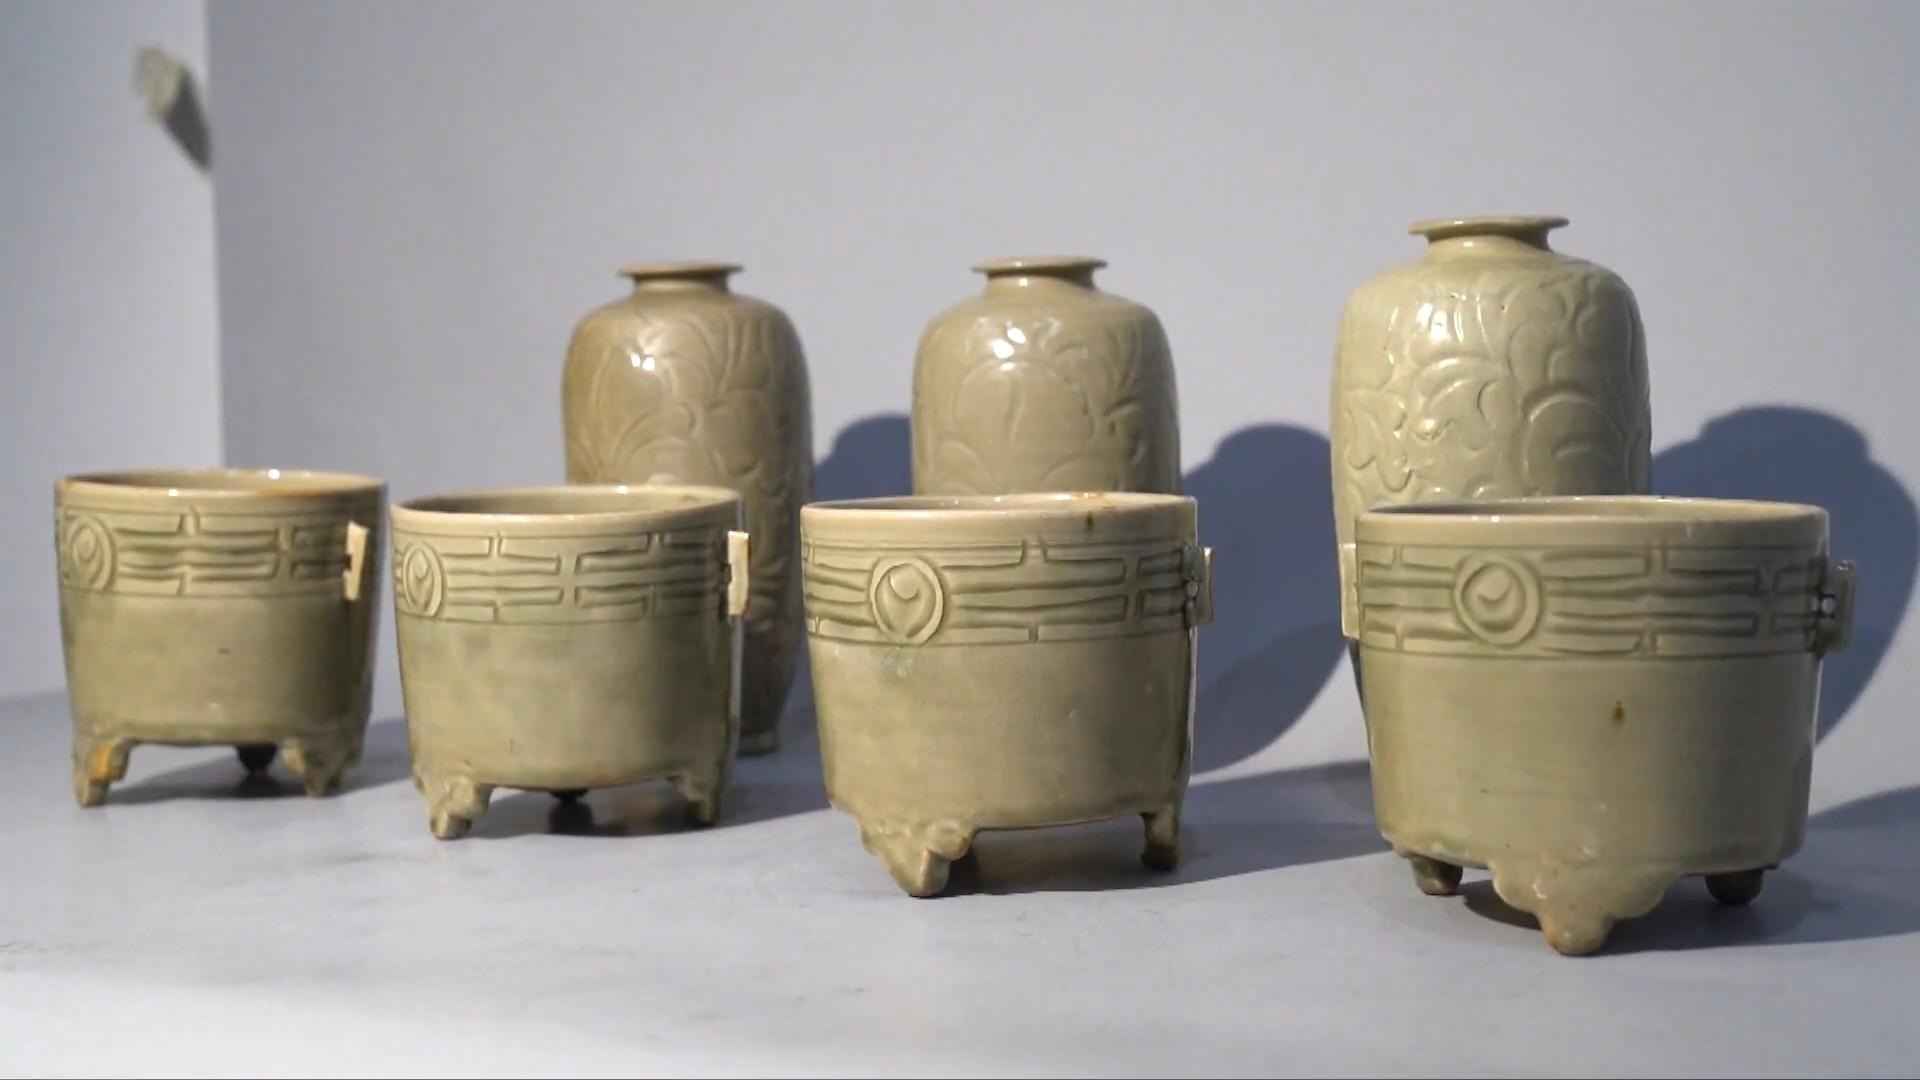 Phát hiện bộ sưu tập đồ gốm sứ cao cấp 1.000 năm tuổi